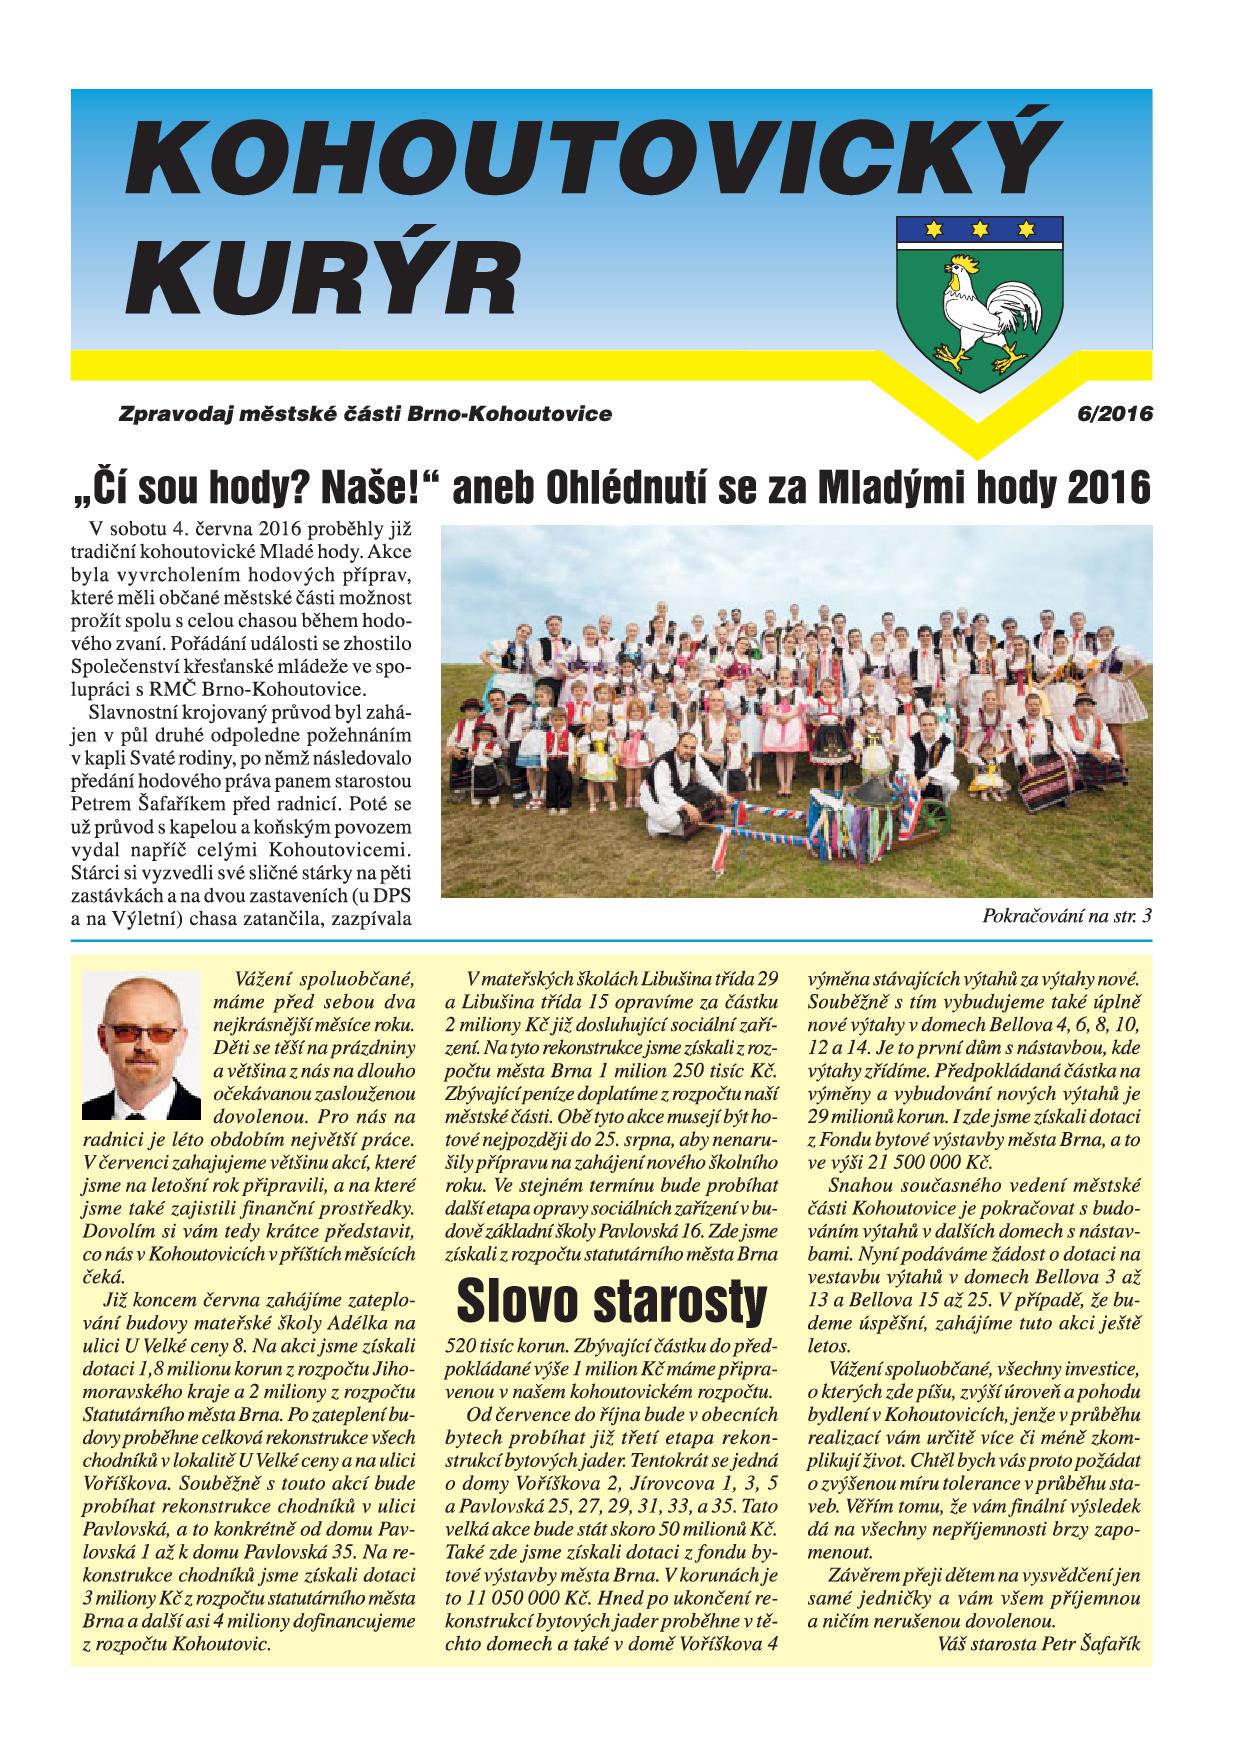 KK 6-2016-Kohoutovický-kurýr-brno-kohoutovice-červen-01